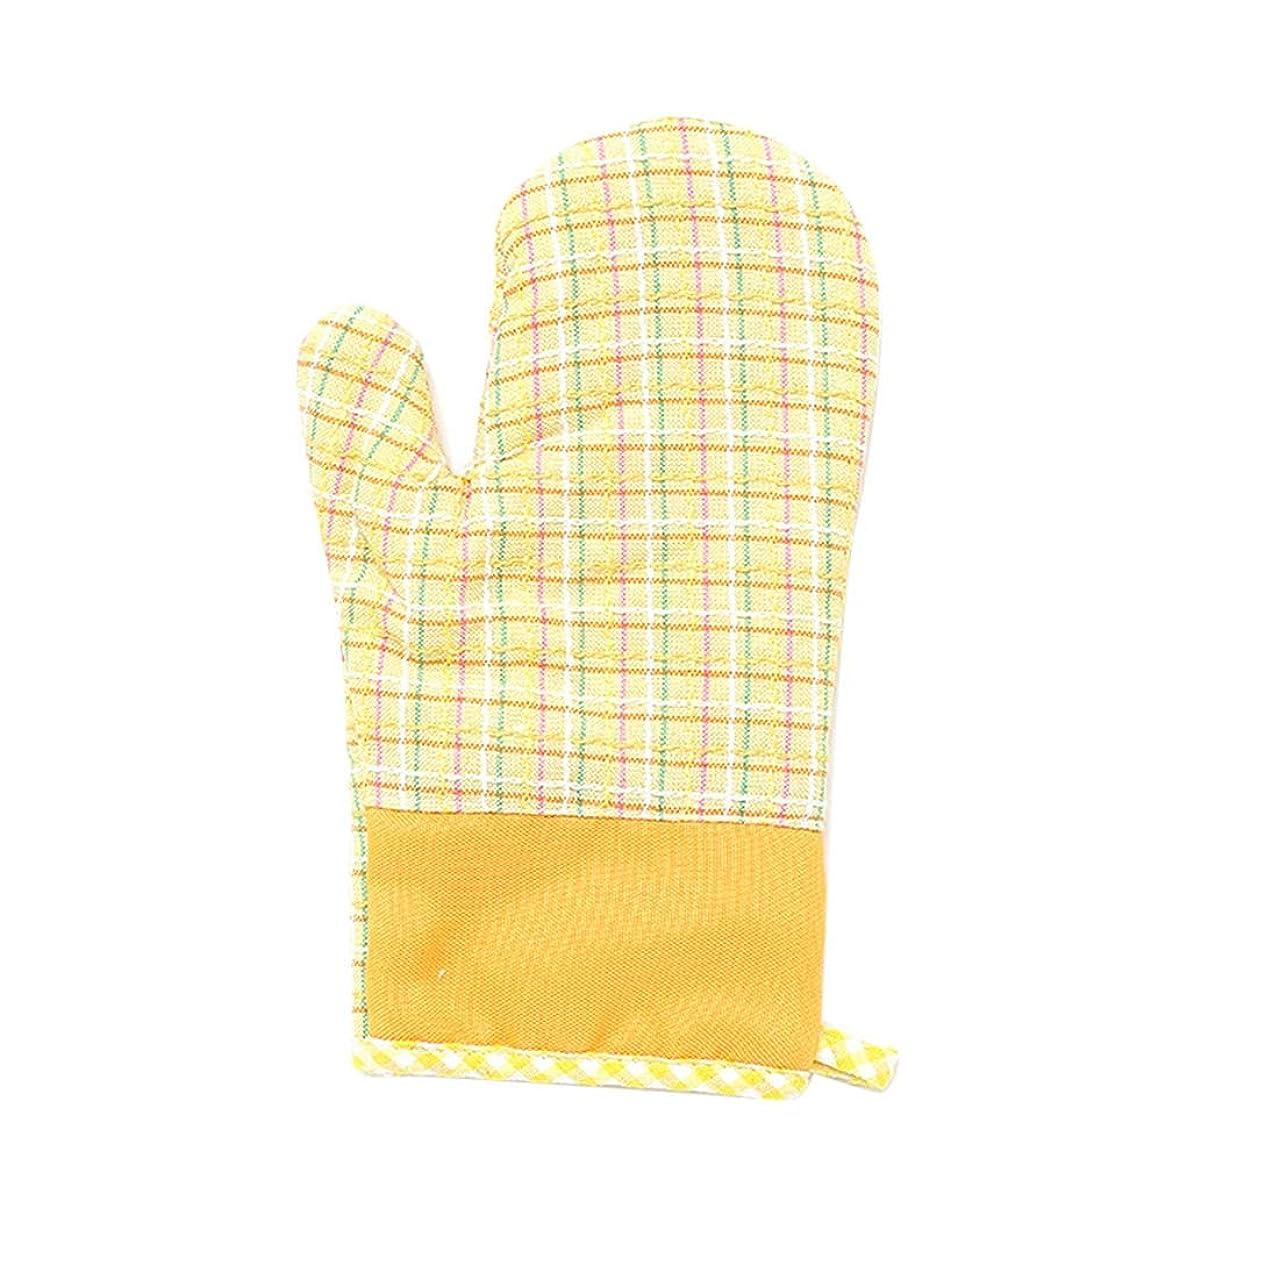 行為資格情報テストXianheng1 電子レンジ手袋 手袋 電子レンジ 断熱手袋 耐熱手袋 キッチン用手袋 調理用手袋 キッチン手袋 耐熱ミトン 焼き付き防止手袋 断熱火傷防止 焼け止め 2個 イエロー